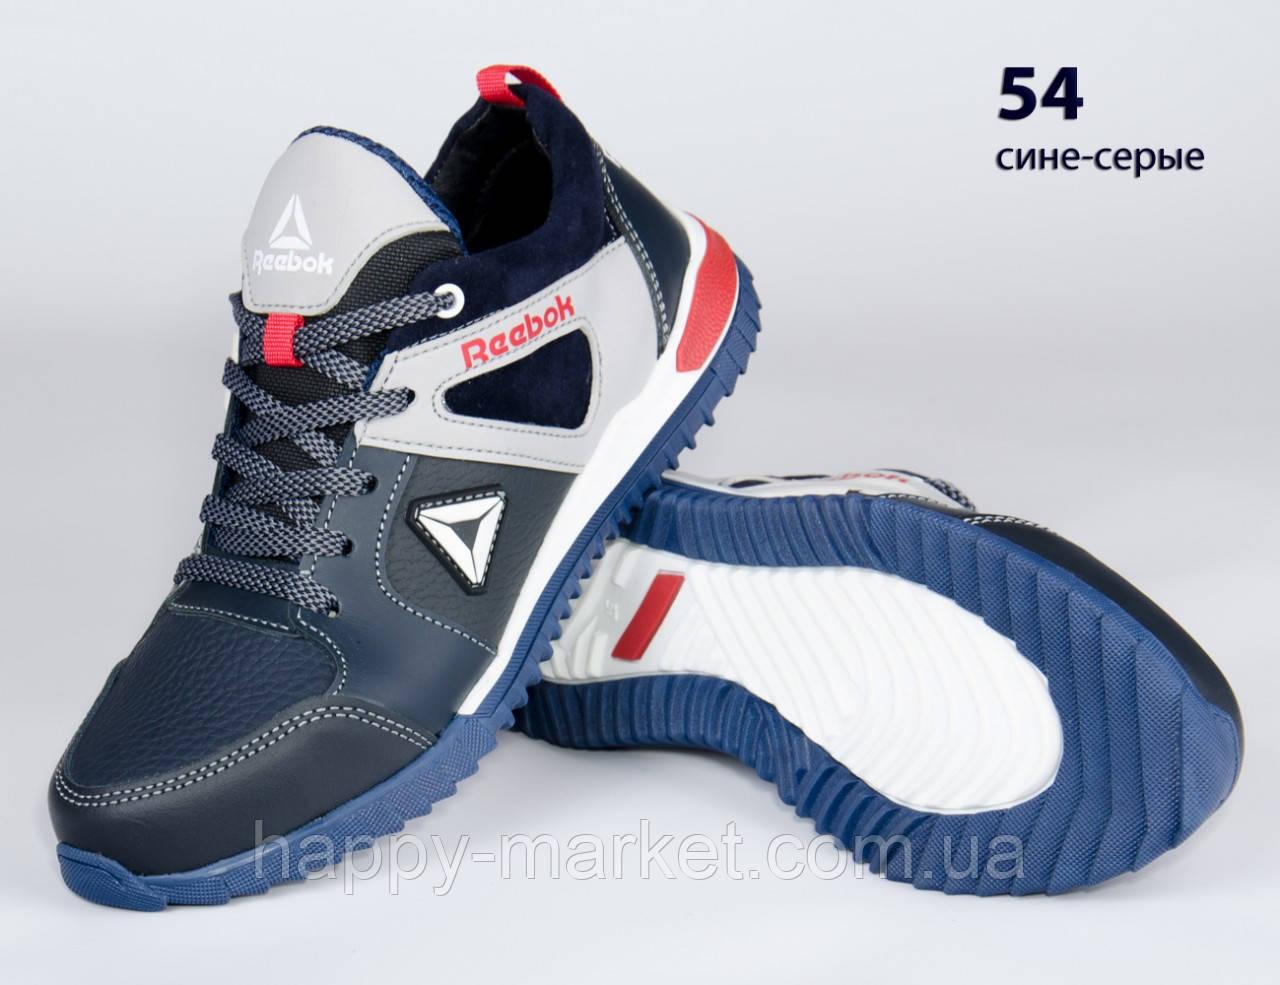 Кожаные подростковые кроссовки Reebok (реплика) (54 Сине-серые) спортивные кросівки шкіряні хлопчачі